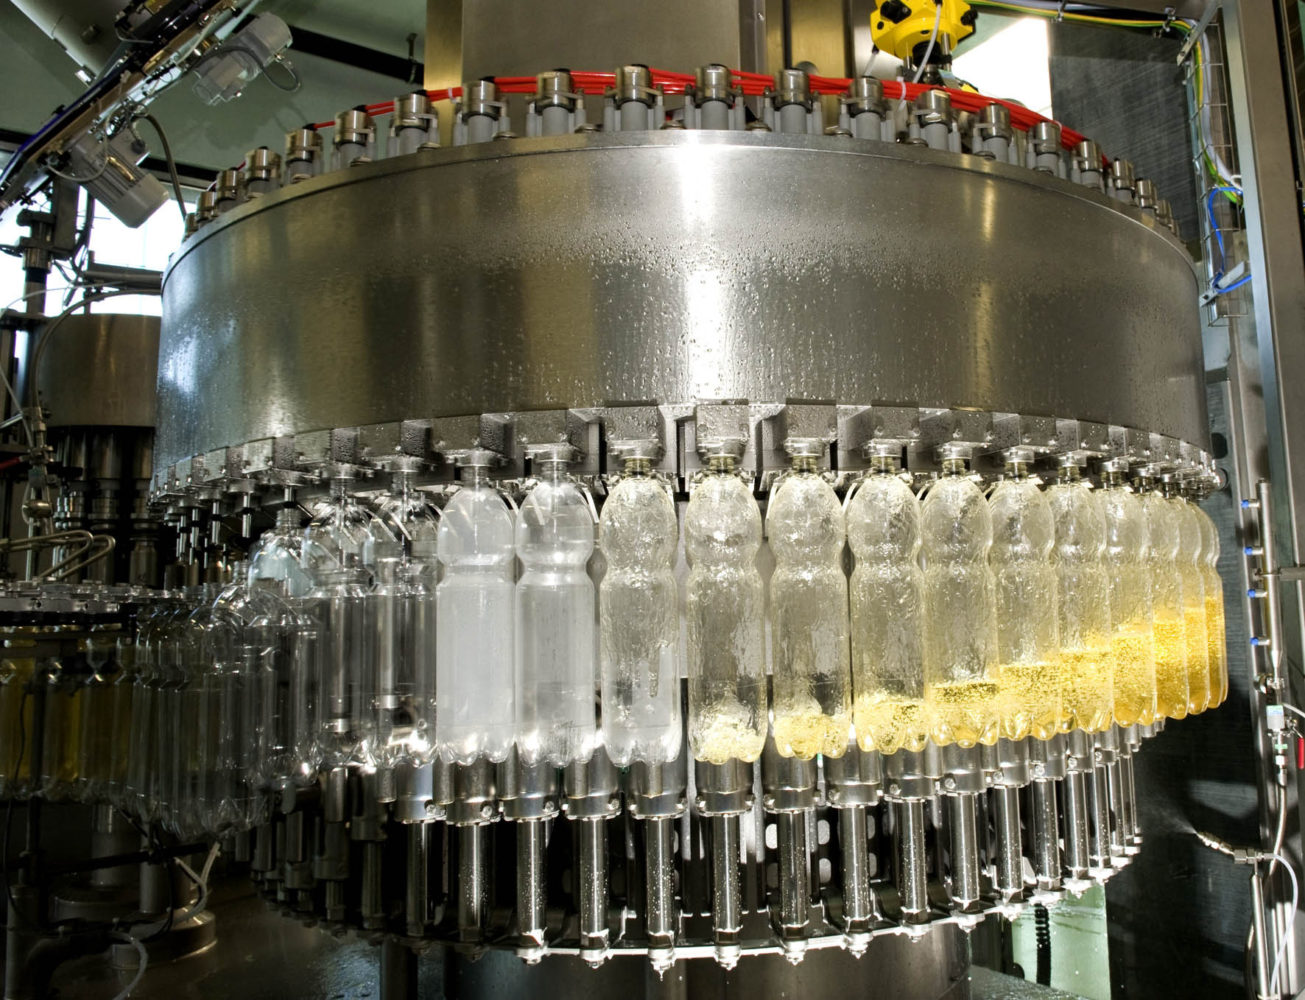 Das Schweizerische Mosterei- und Brennereimuseum zeigt den Weg vom Apfelbaum in die Flasche. / Bild: Mosterei Moehl